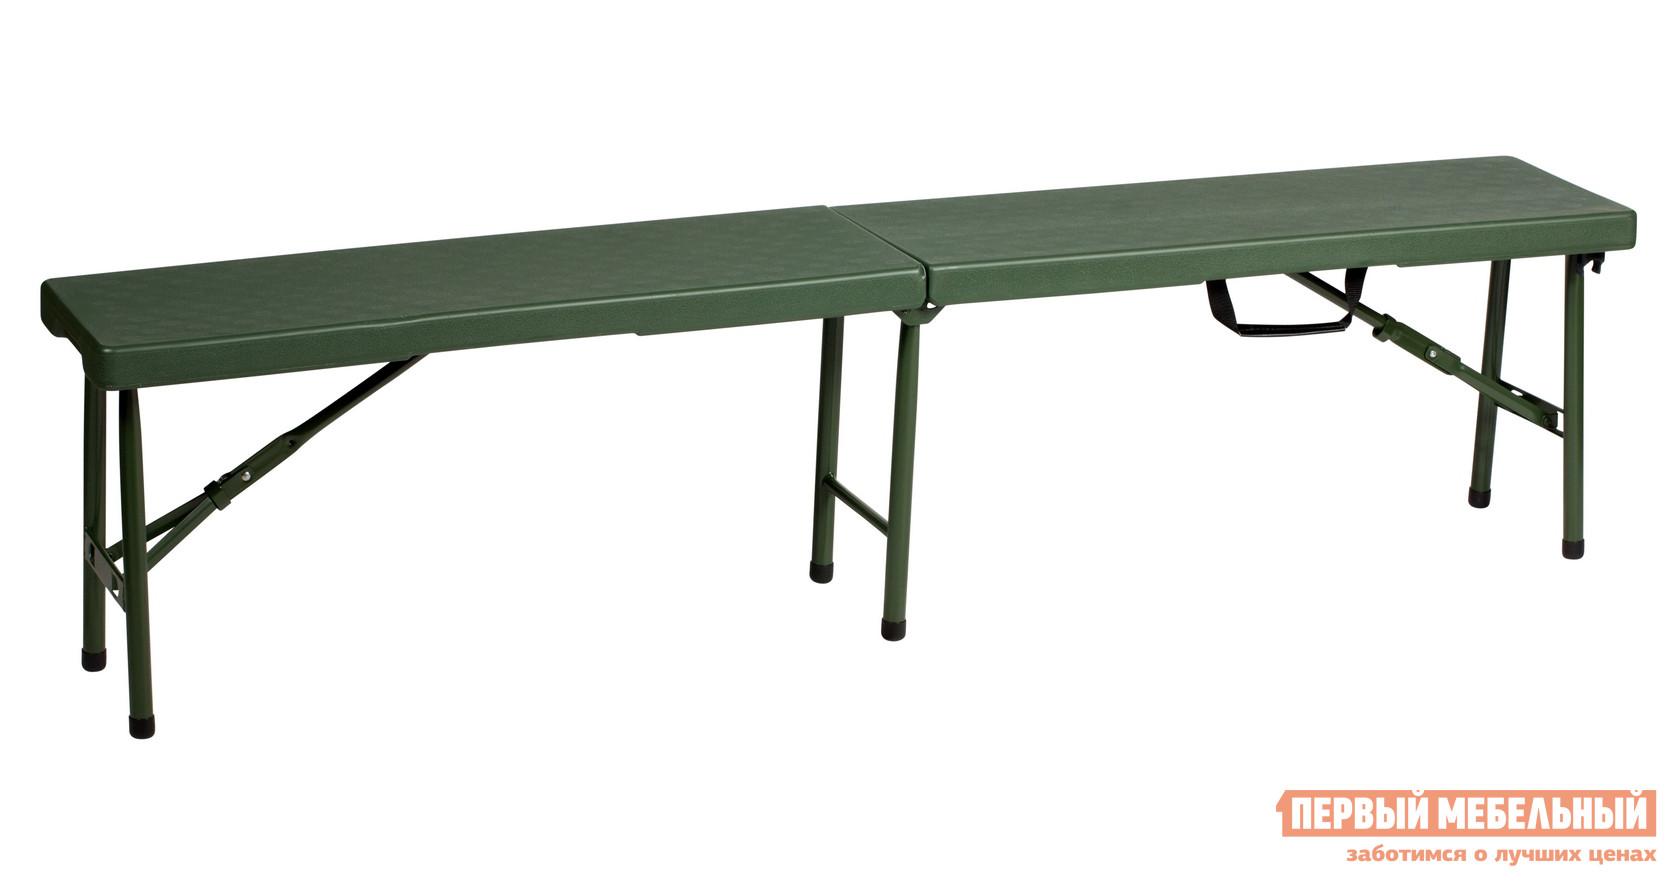 Пластиковая скамья складная для дачи Метмебель PC15FN